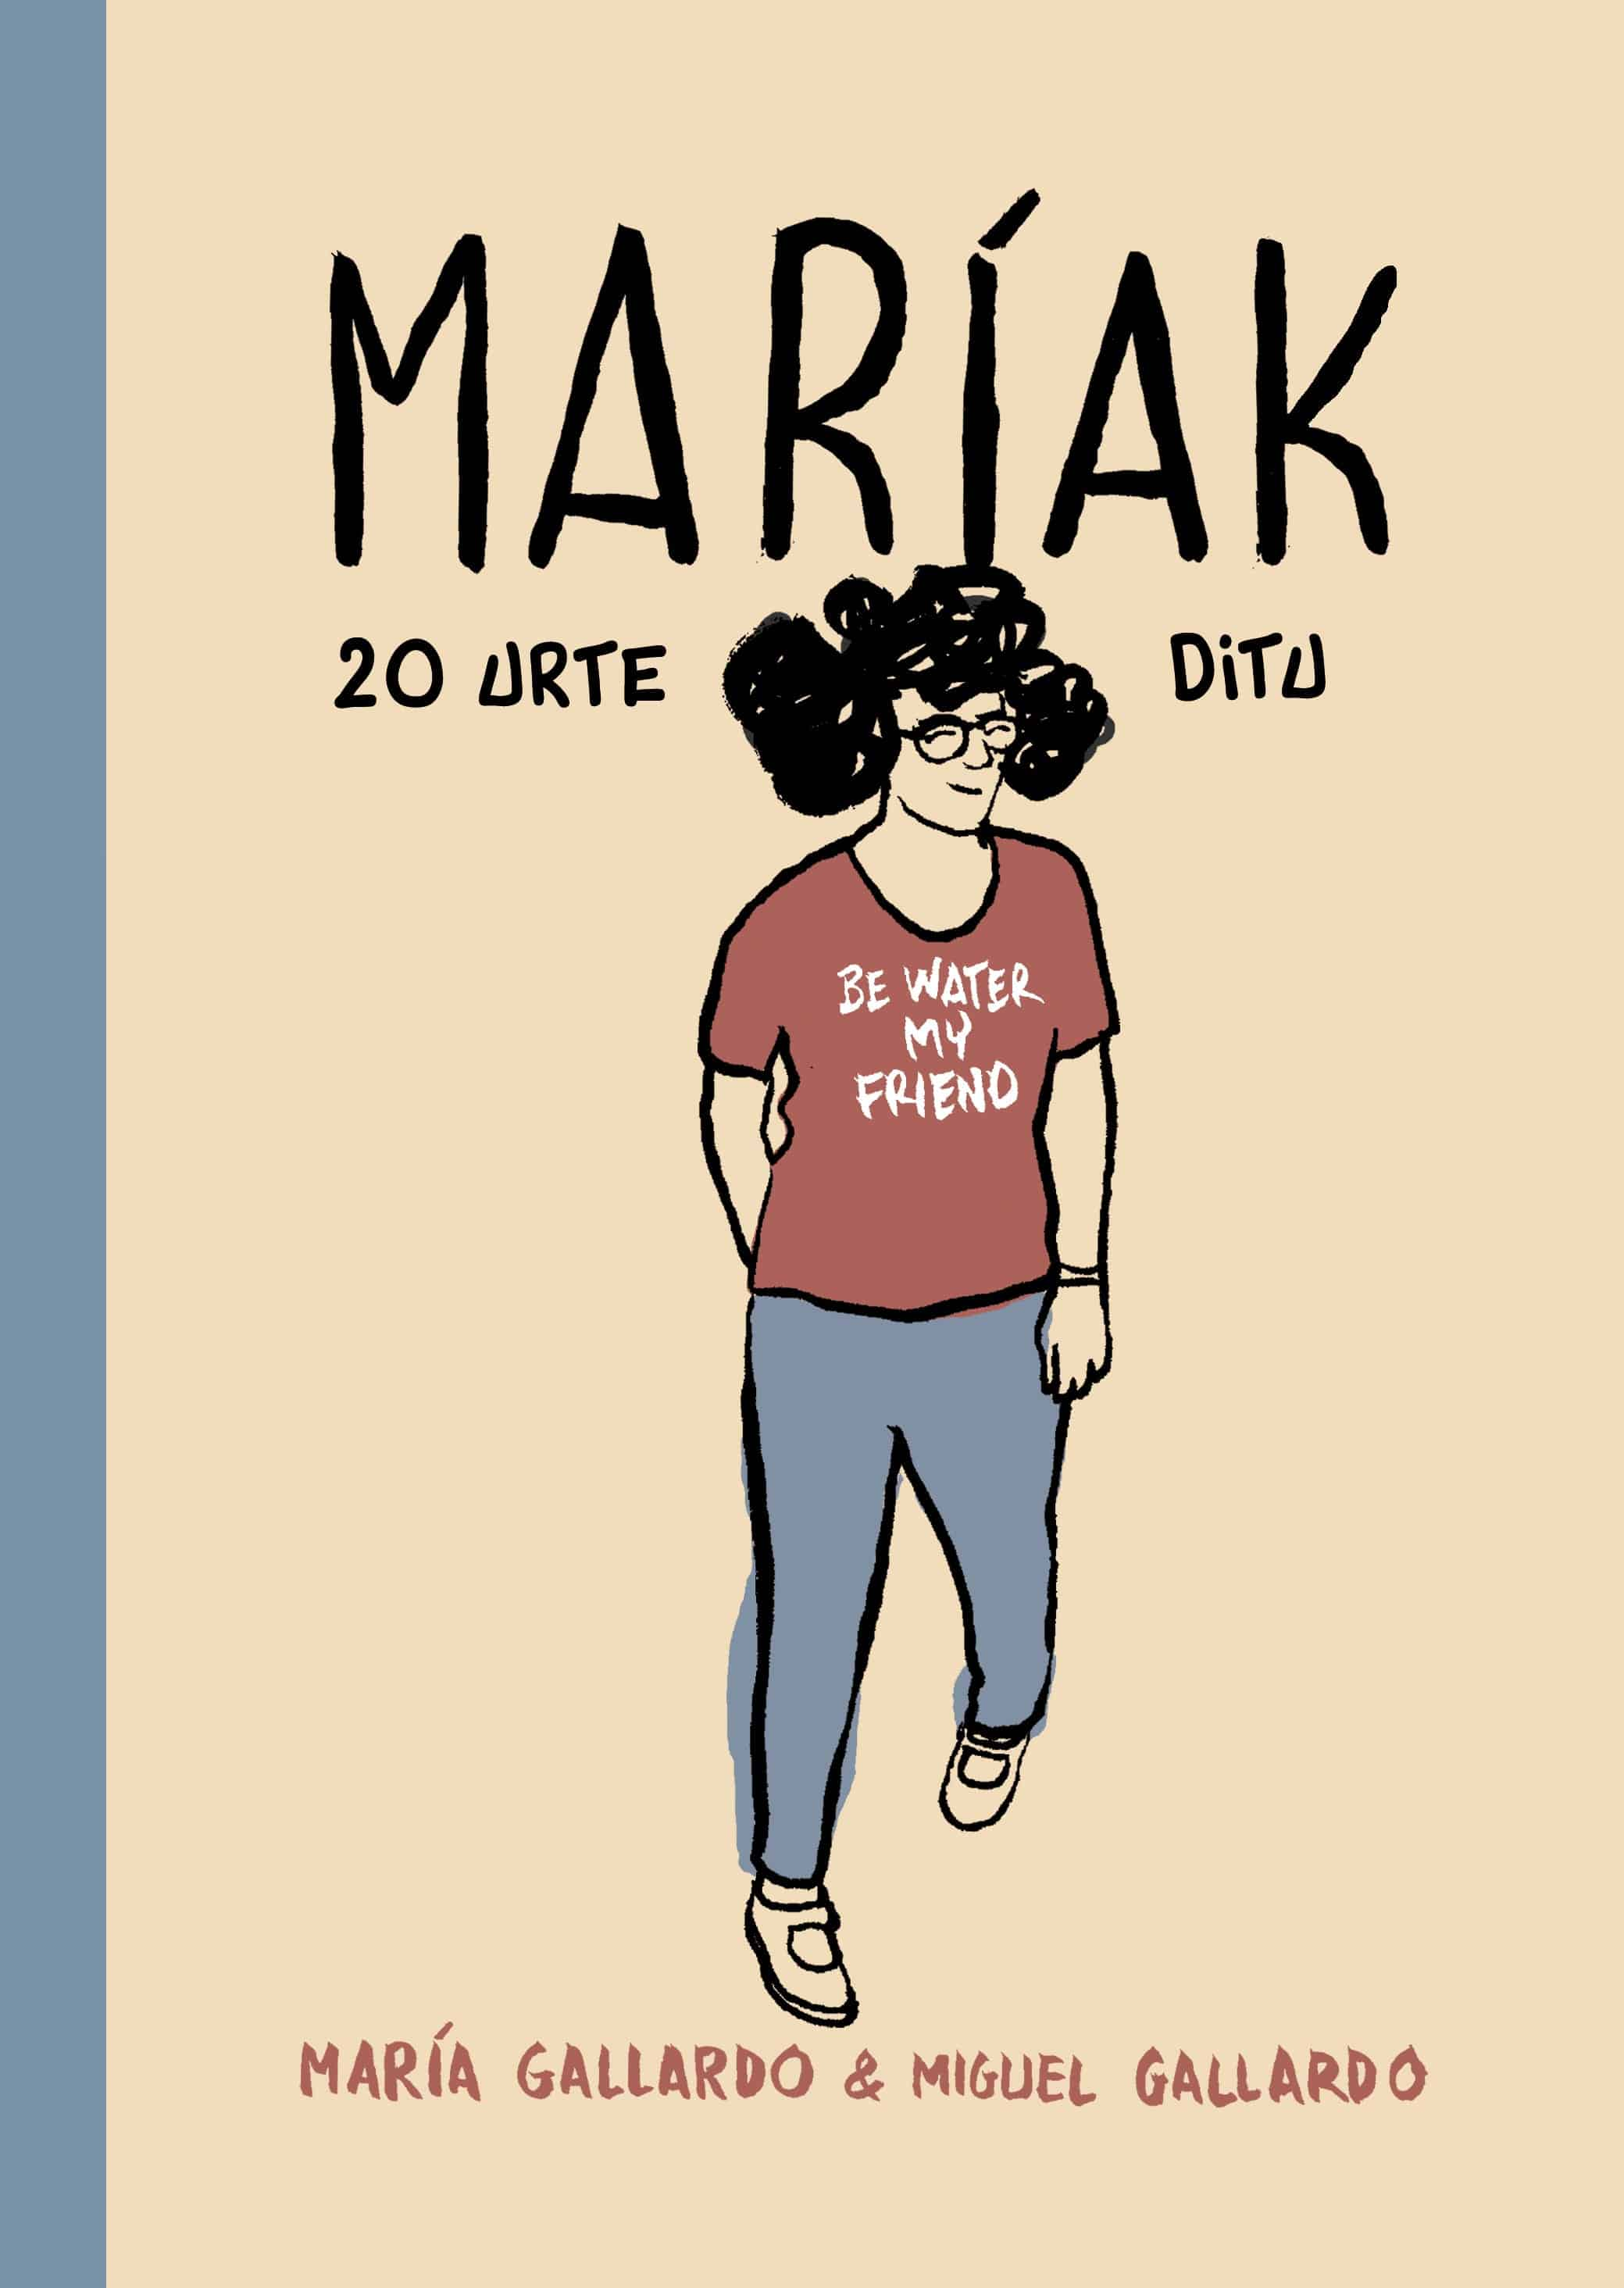 MARIAK 20 URTE DITU